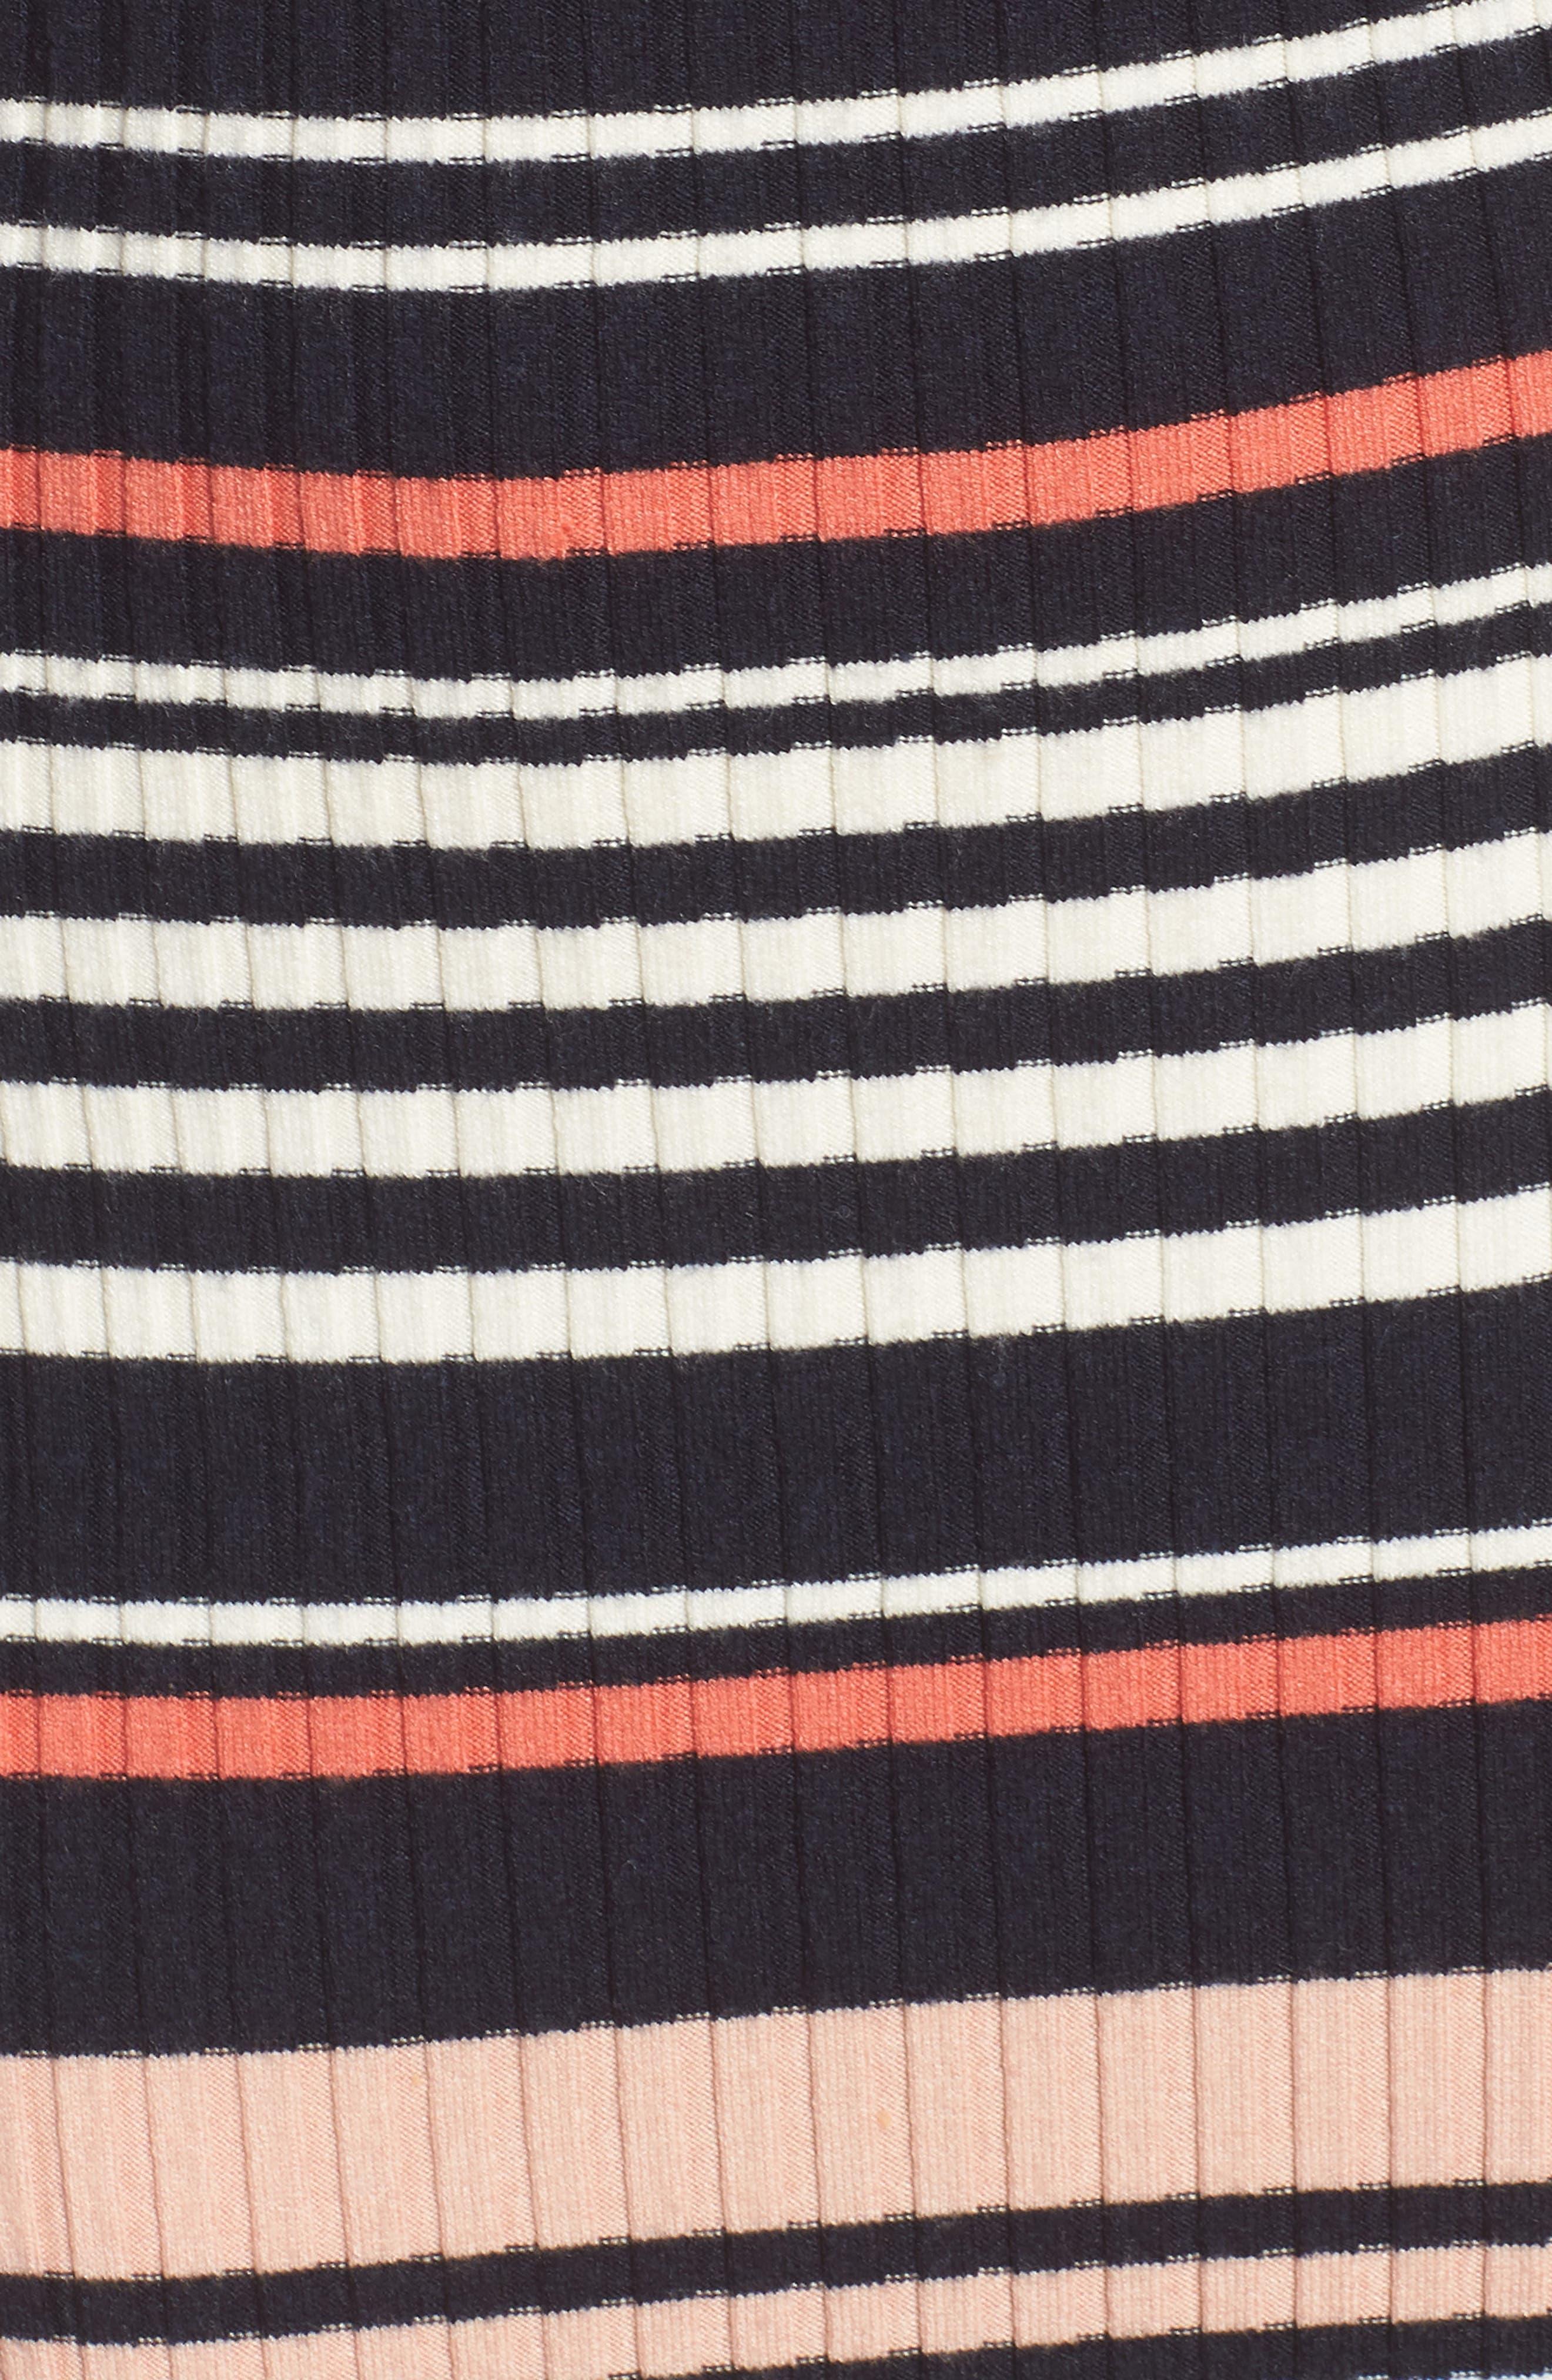 Dani Sweater Knit Midi Dress,                             Alternate thumbnail 5, color,                             Ink